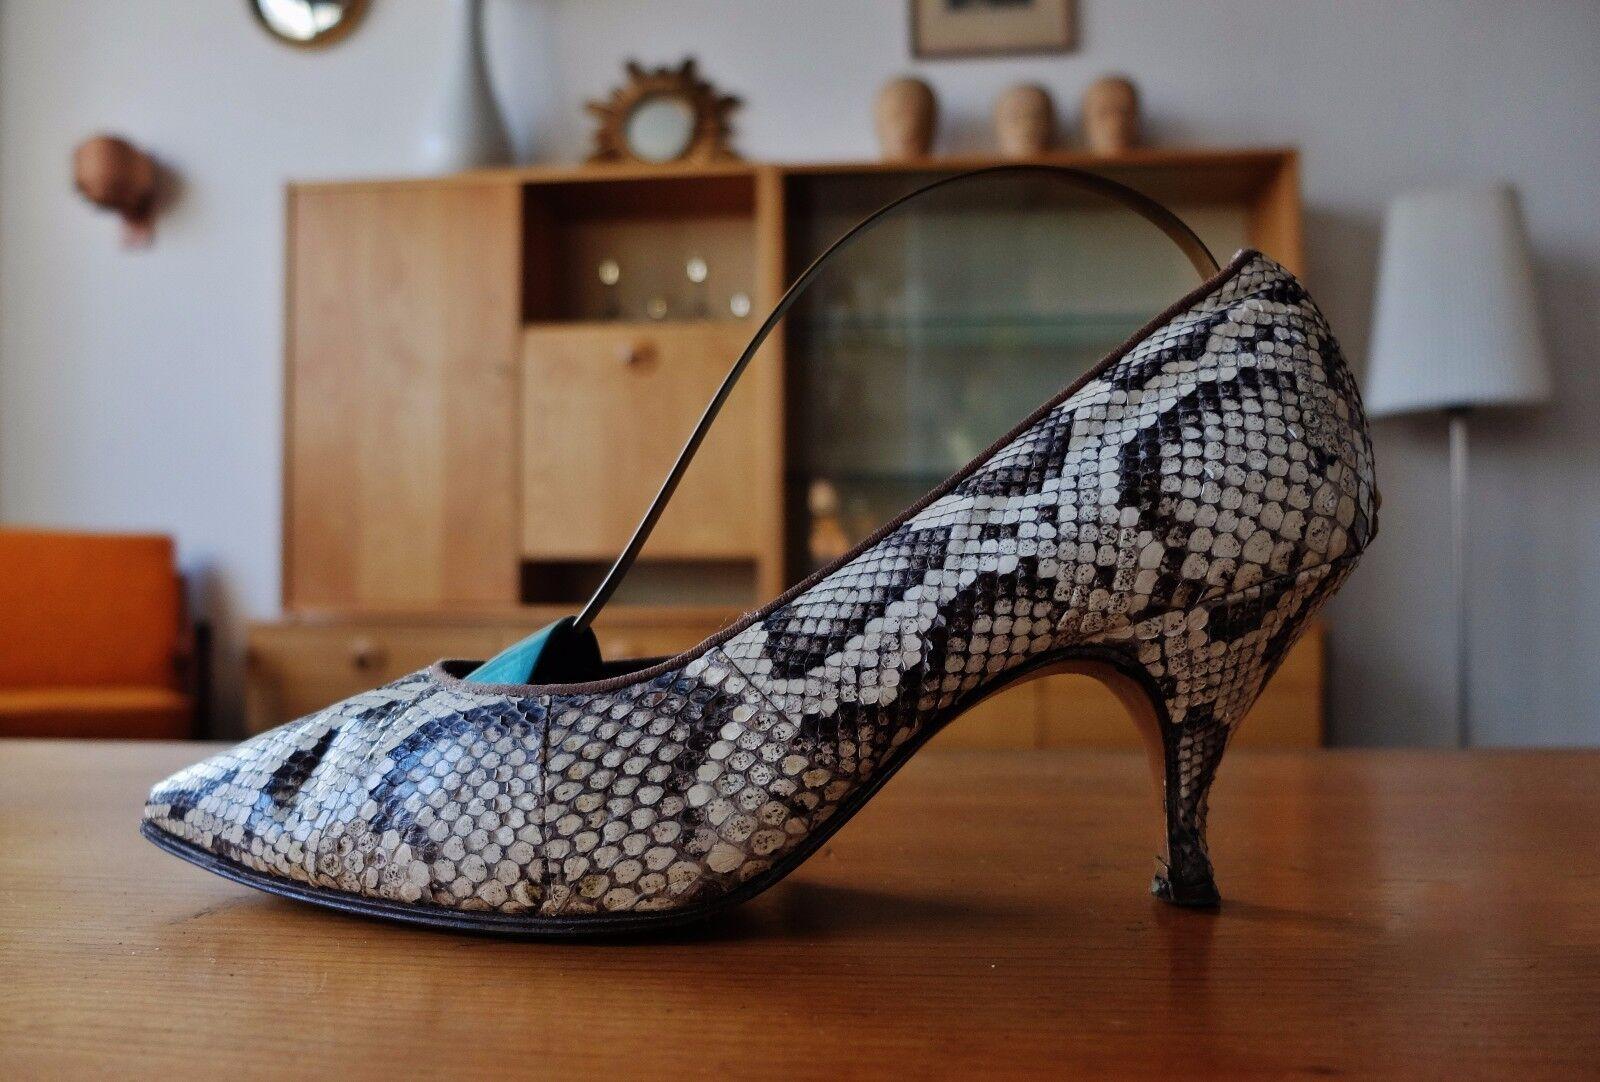 Bella Elvira Femmes Escarpins Beige Marron Cuir Chaussures t 38 uk 5 true vintage